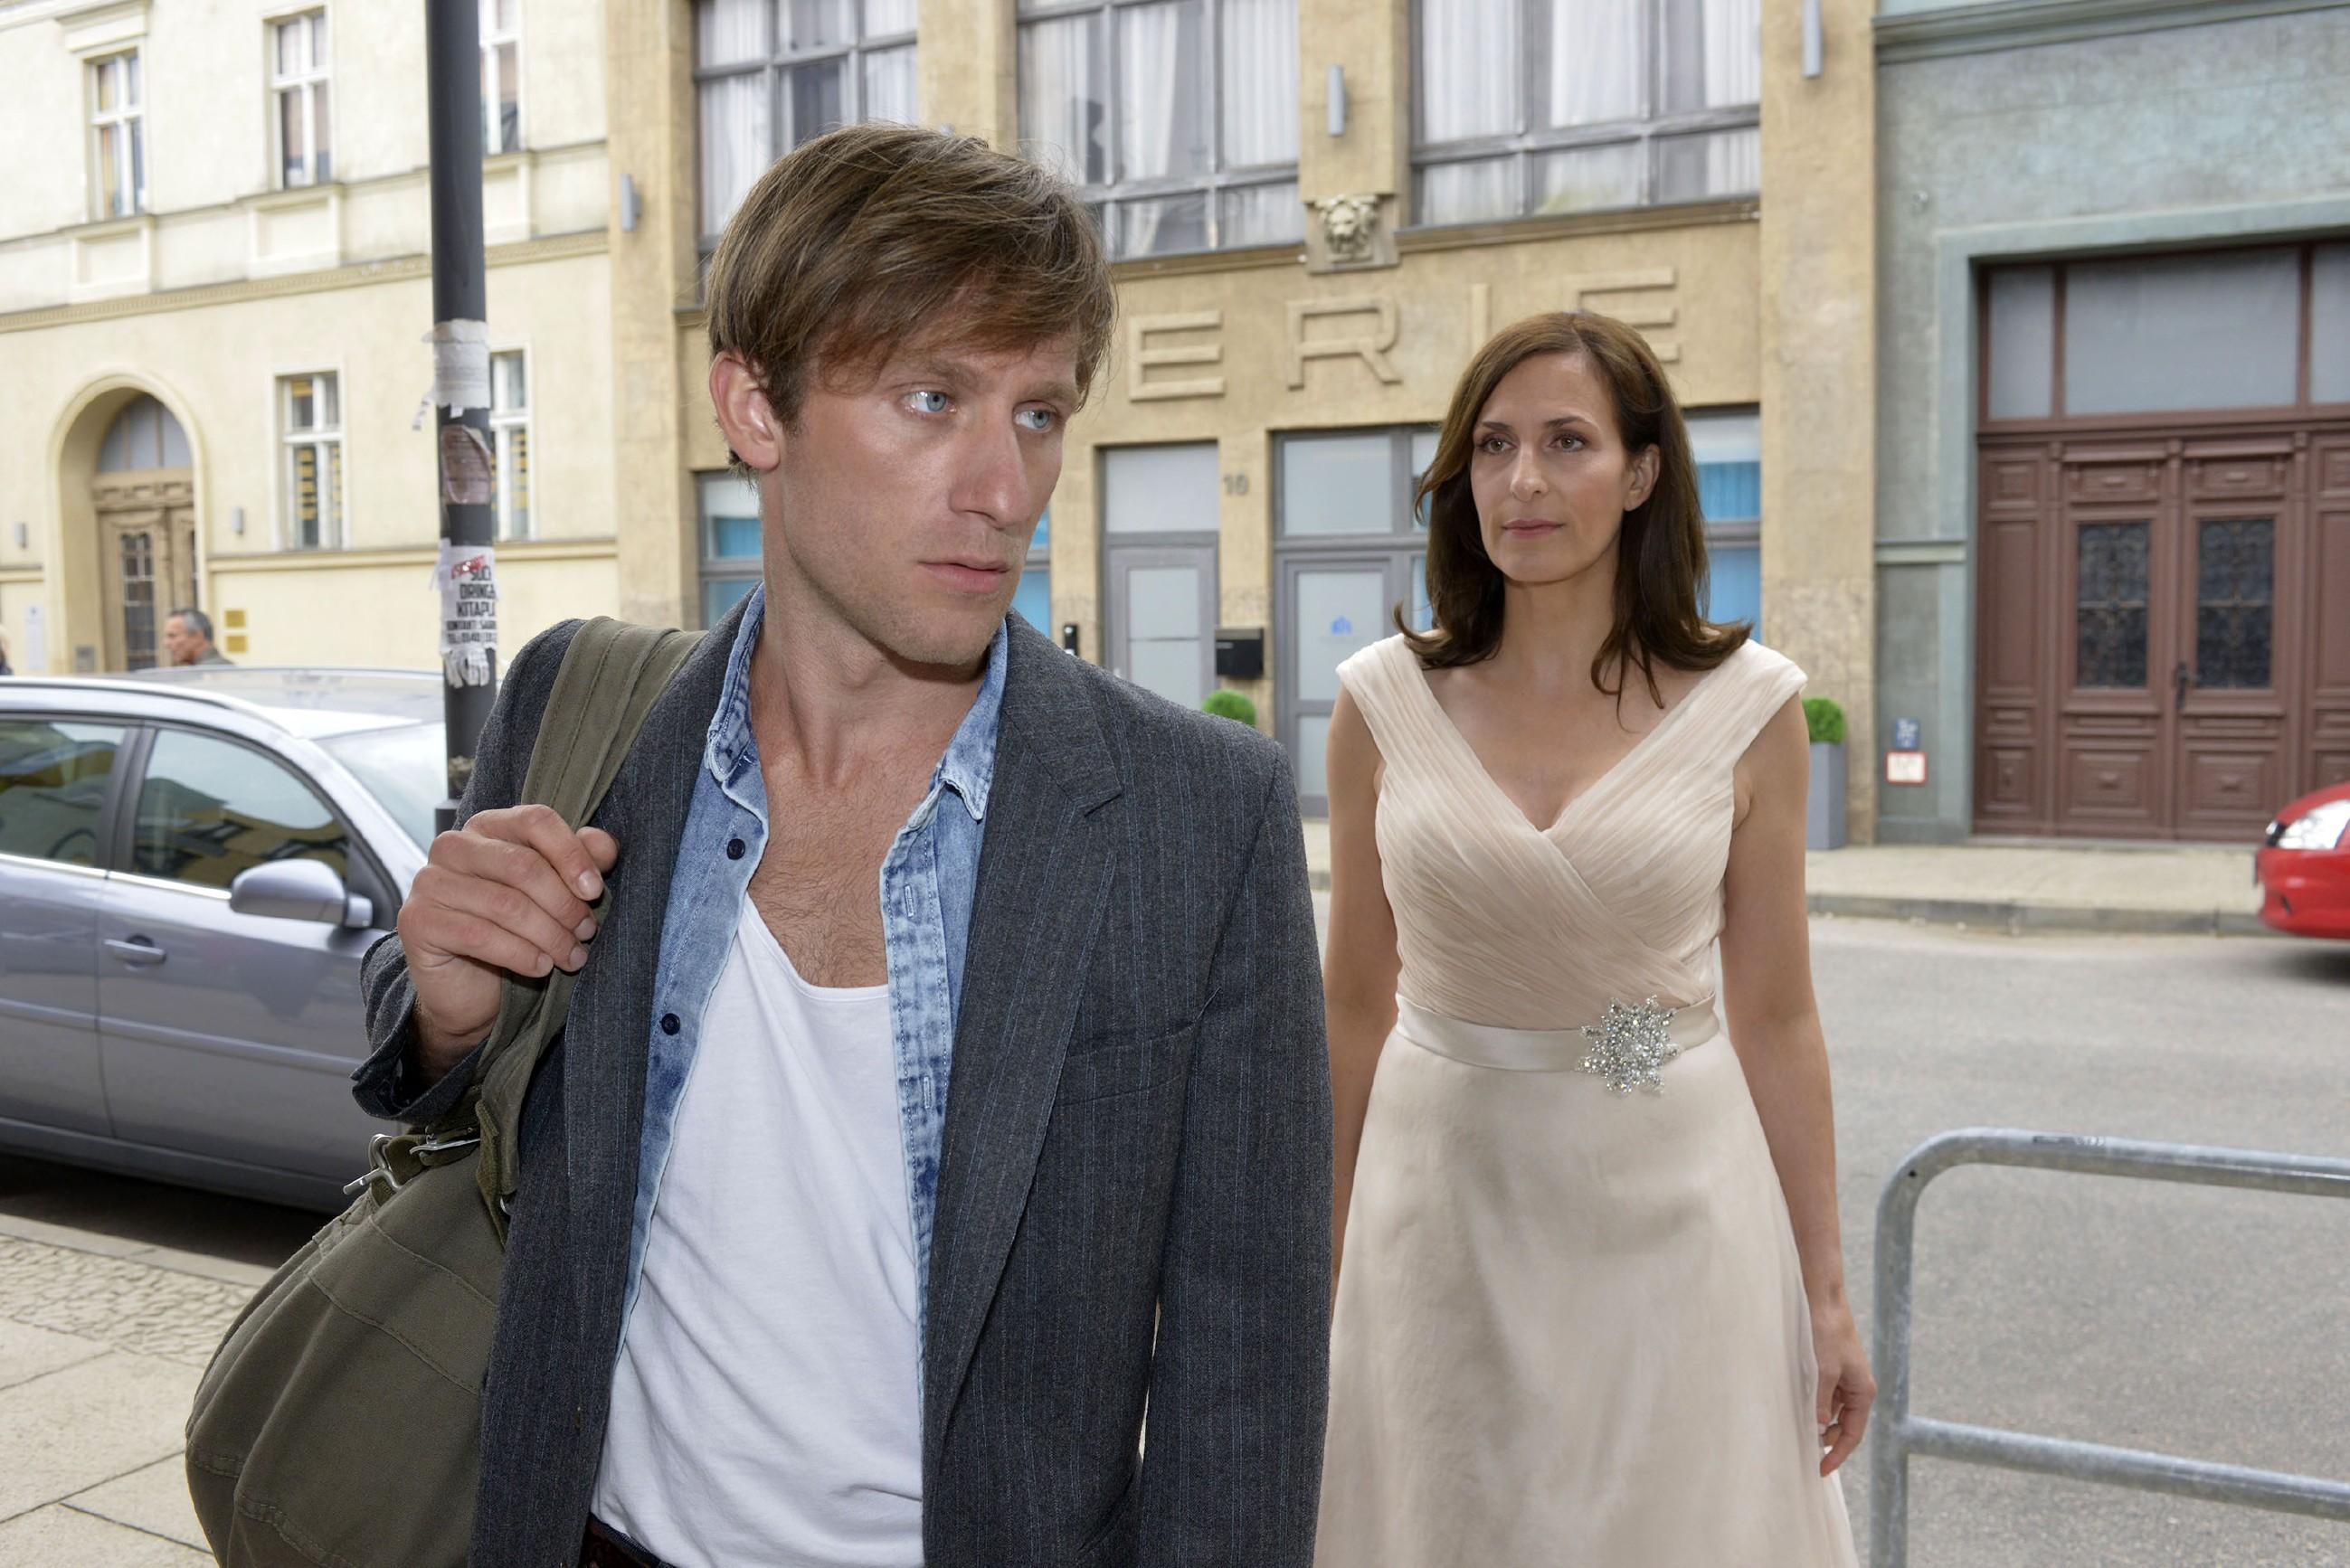 Katrin (Ulrike Frank) ist kurz davor, Bommel (Merlin Leonhardt um eine letzte Chance für sie beide zu bitten, aber der kommt ihr zuvor und weist sie einmal mehr zurück... (Quelle: RTL / Rolf Baumgartner)